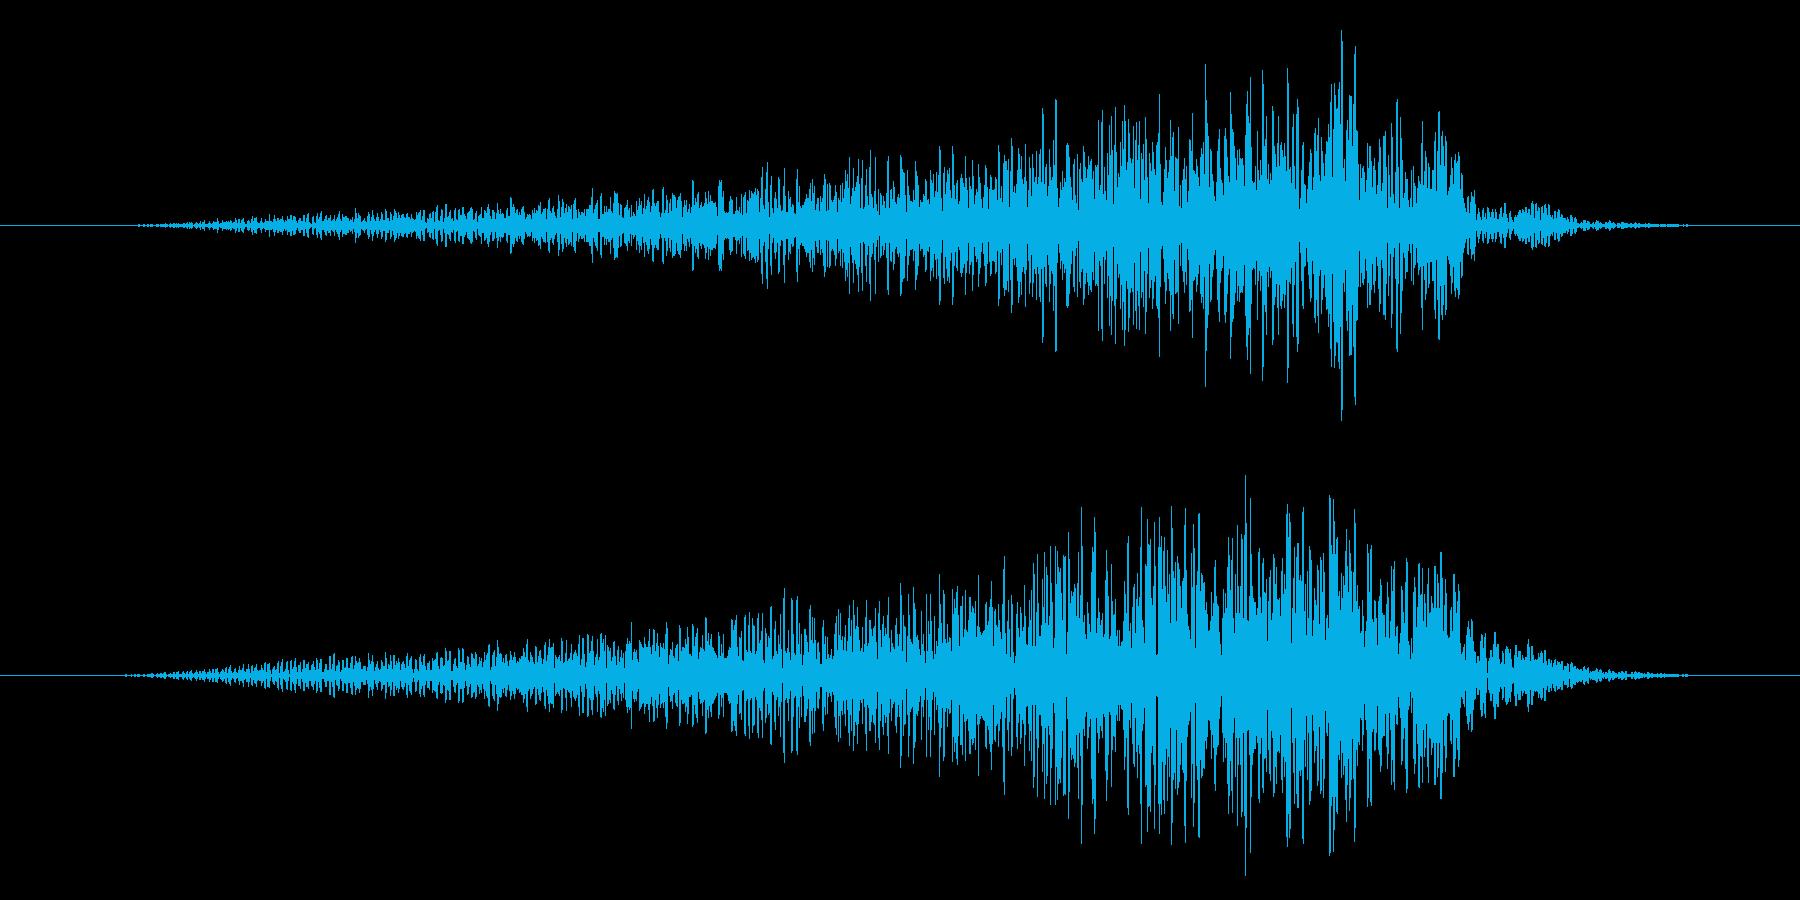 ホラー系/場面転換/気配の再生済みの波形